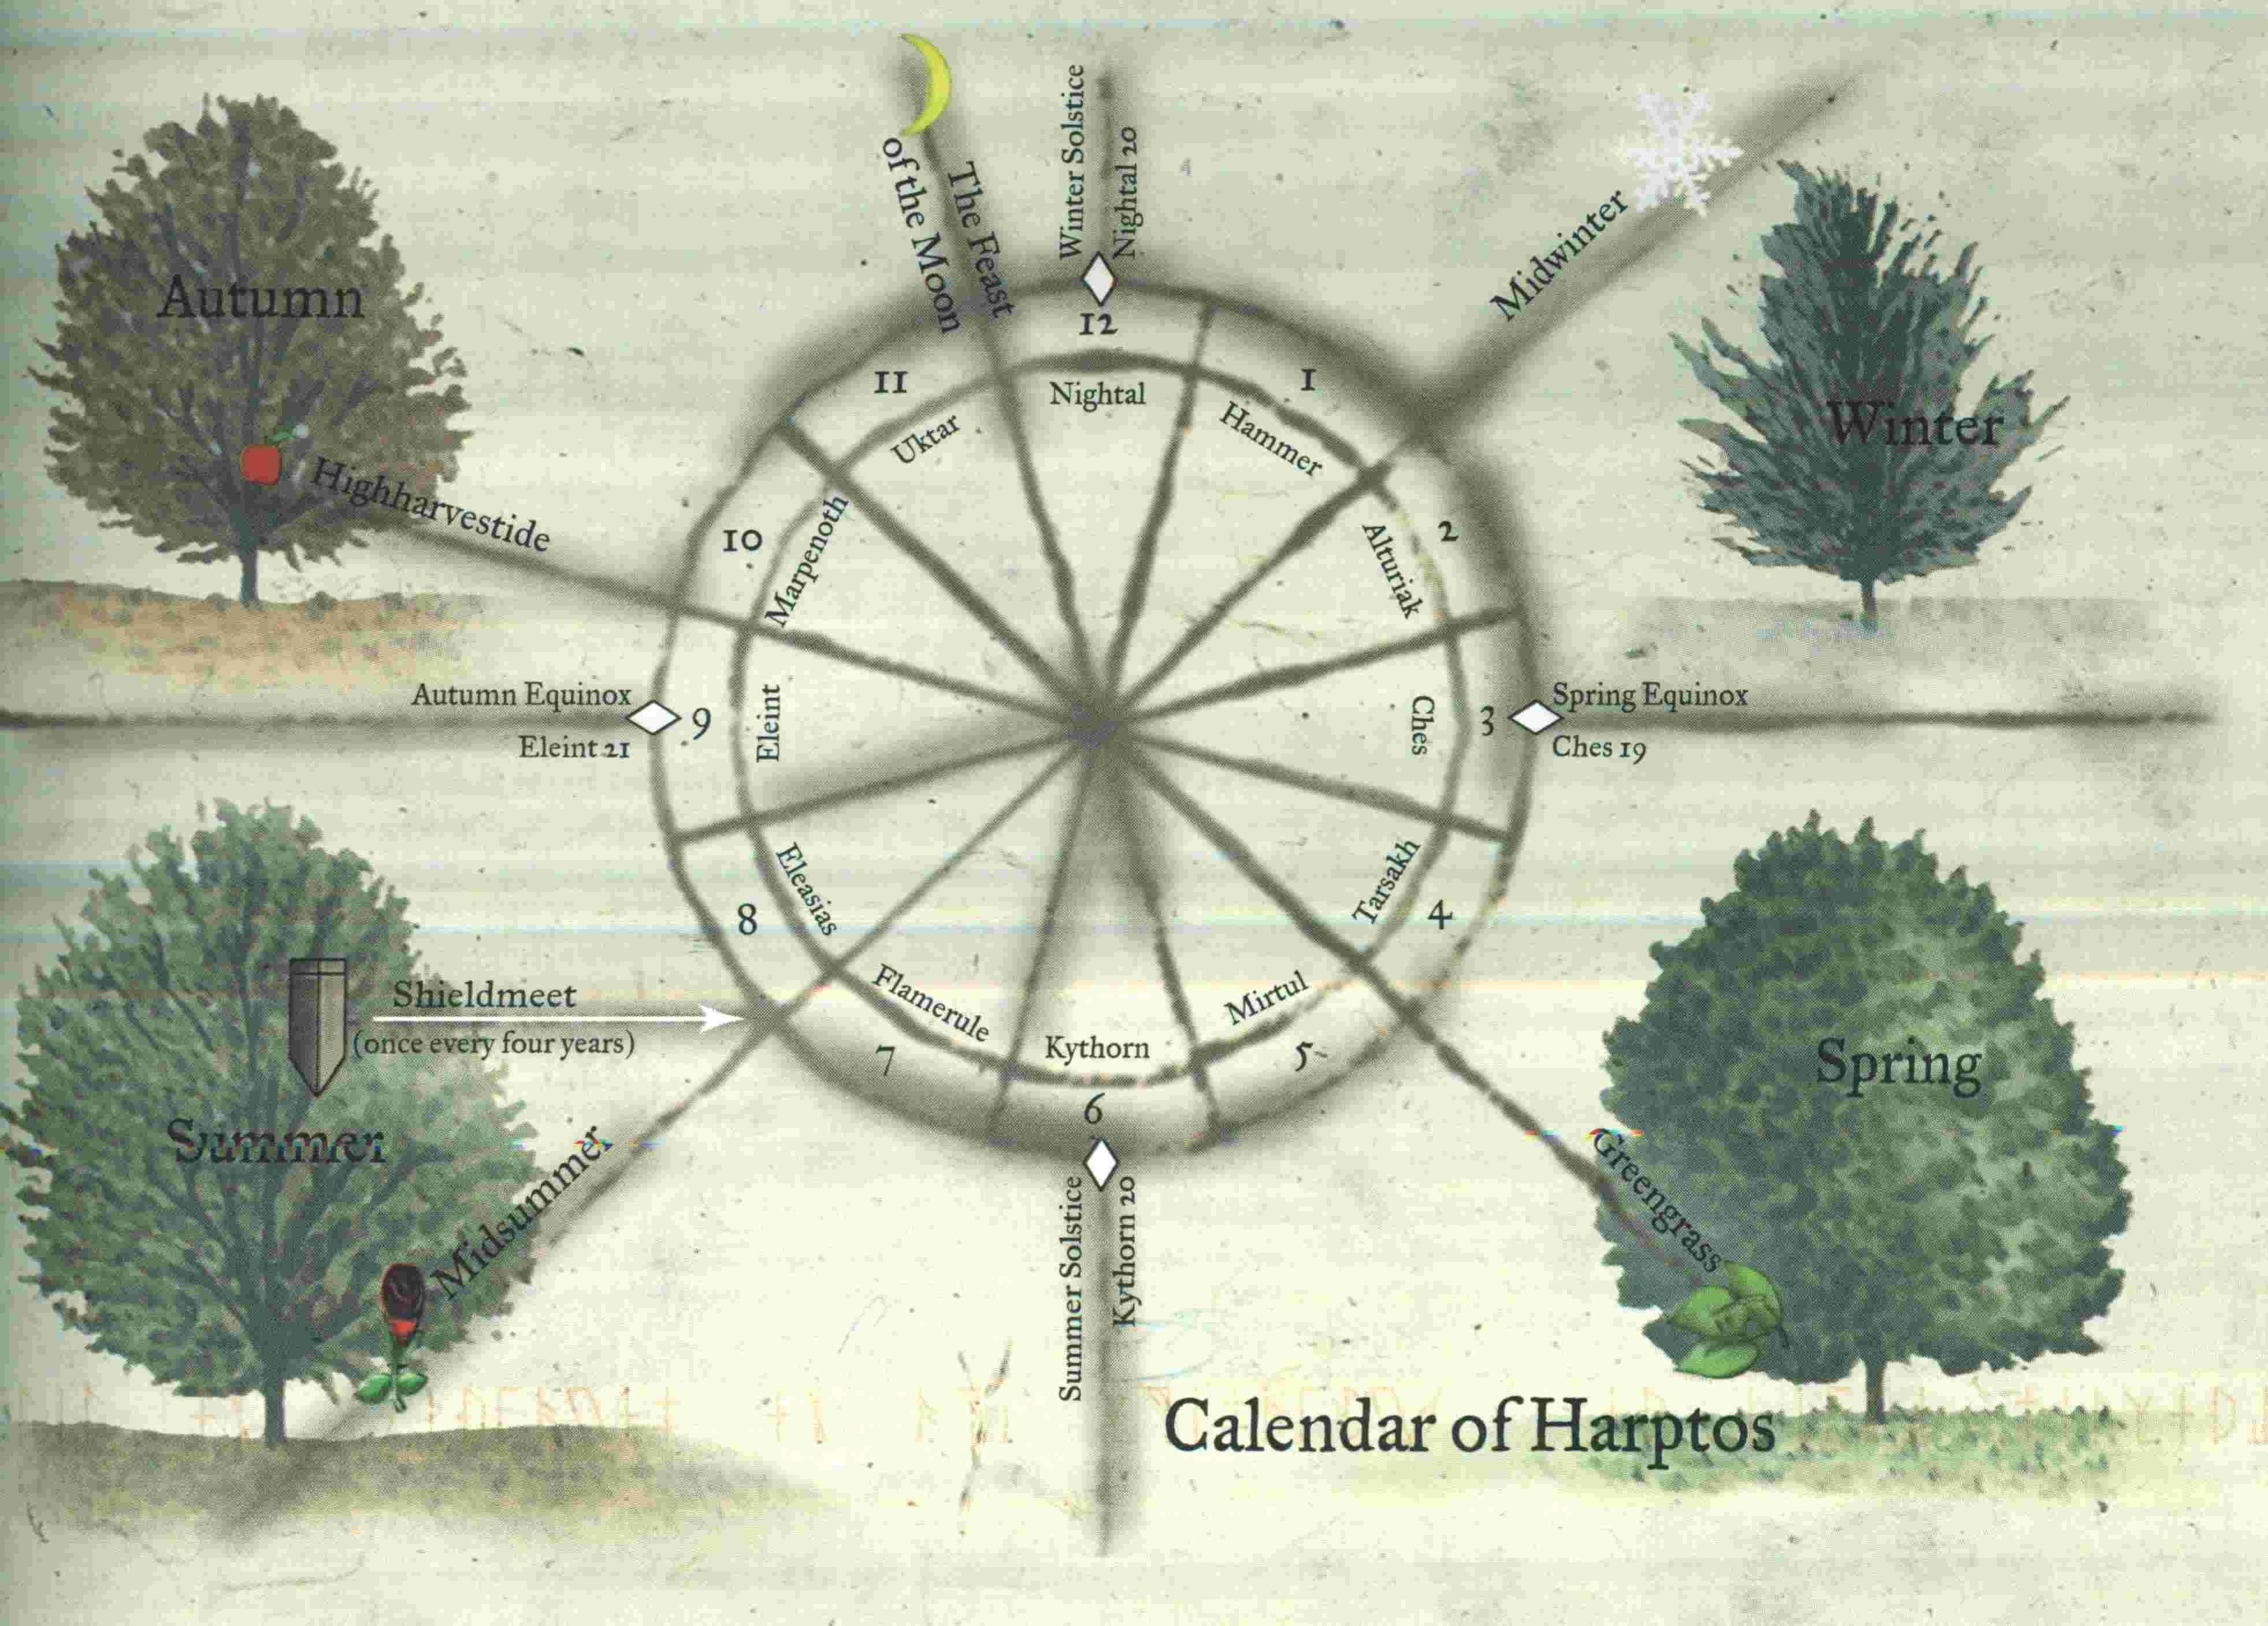 D&D Forgotten Realms Calendar